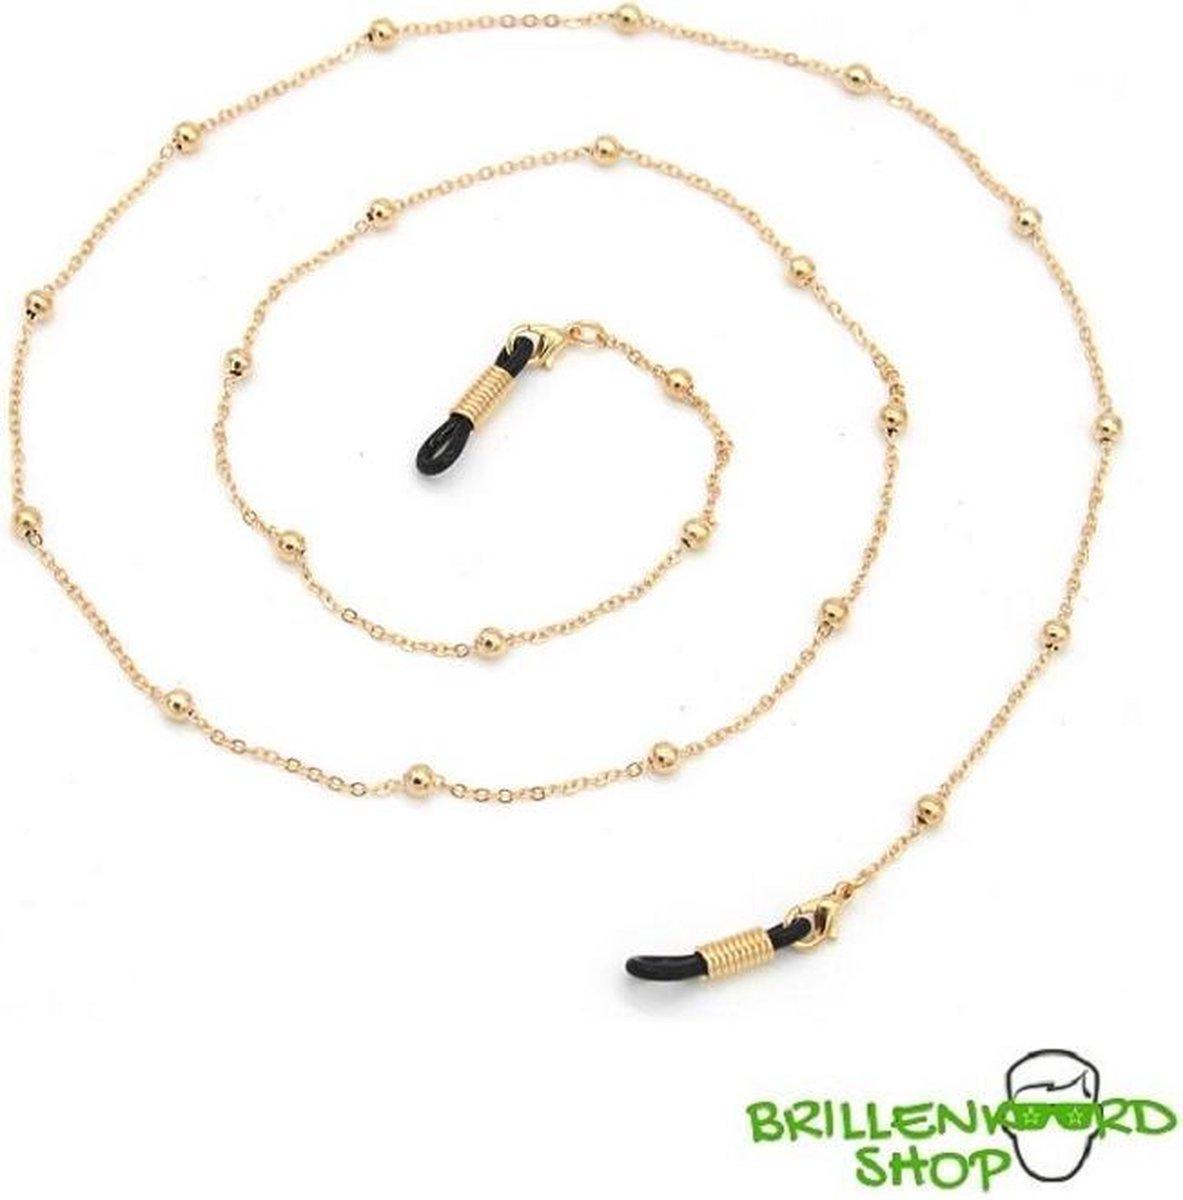 Brilketting   brillenketting   ketting voor bril   goud met bolletjes